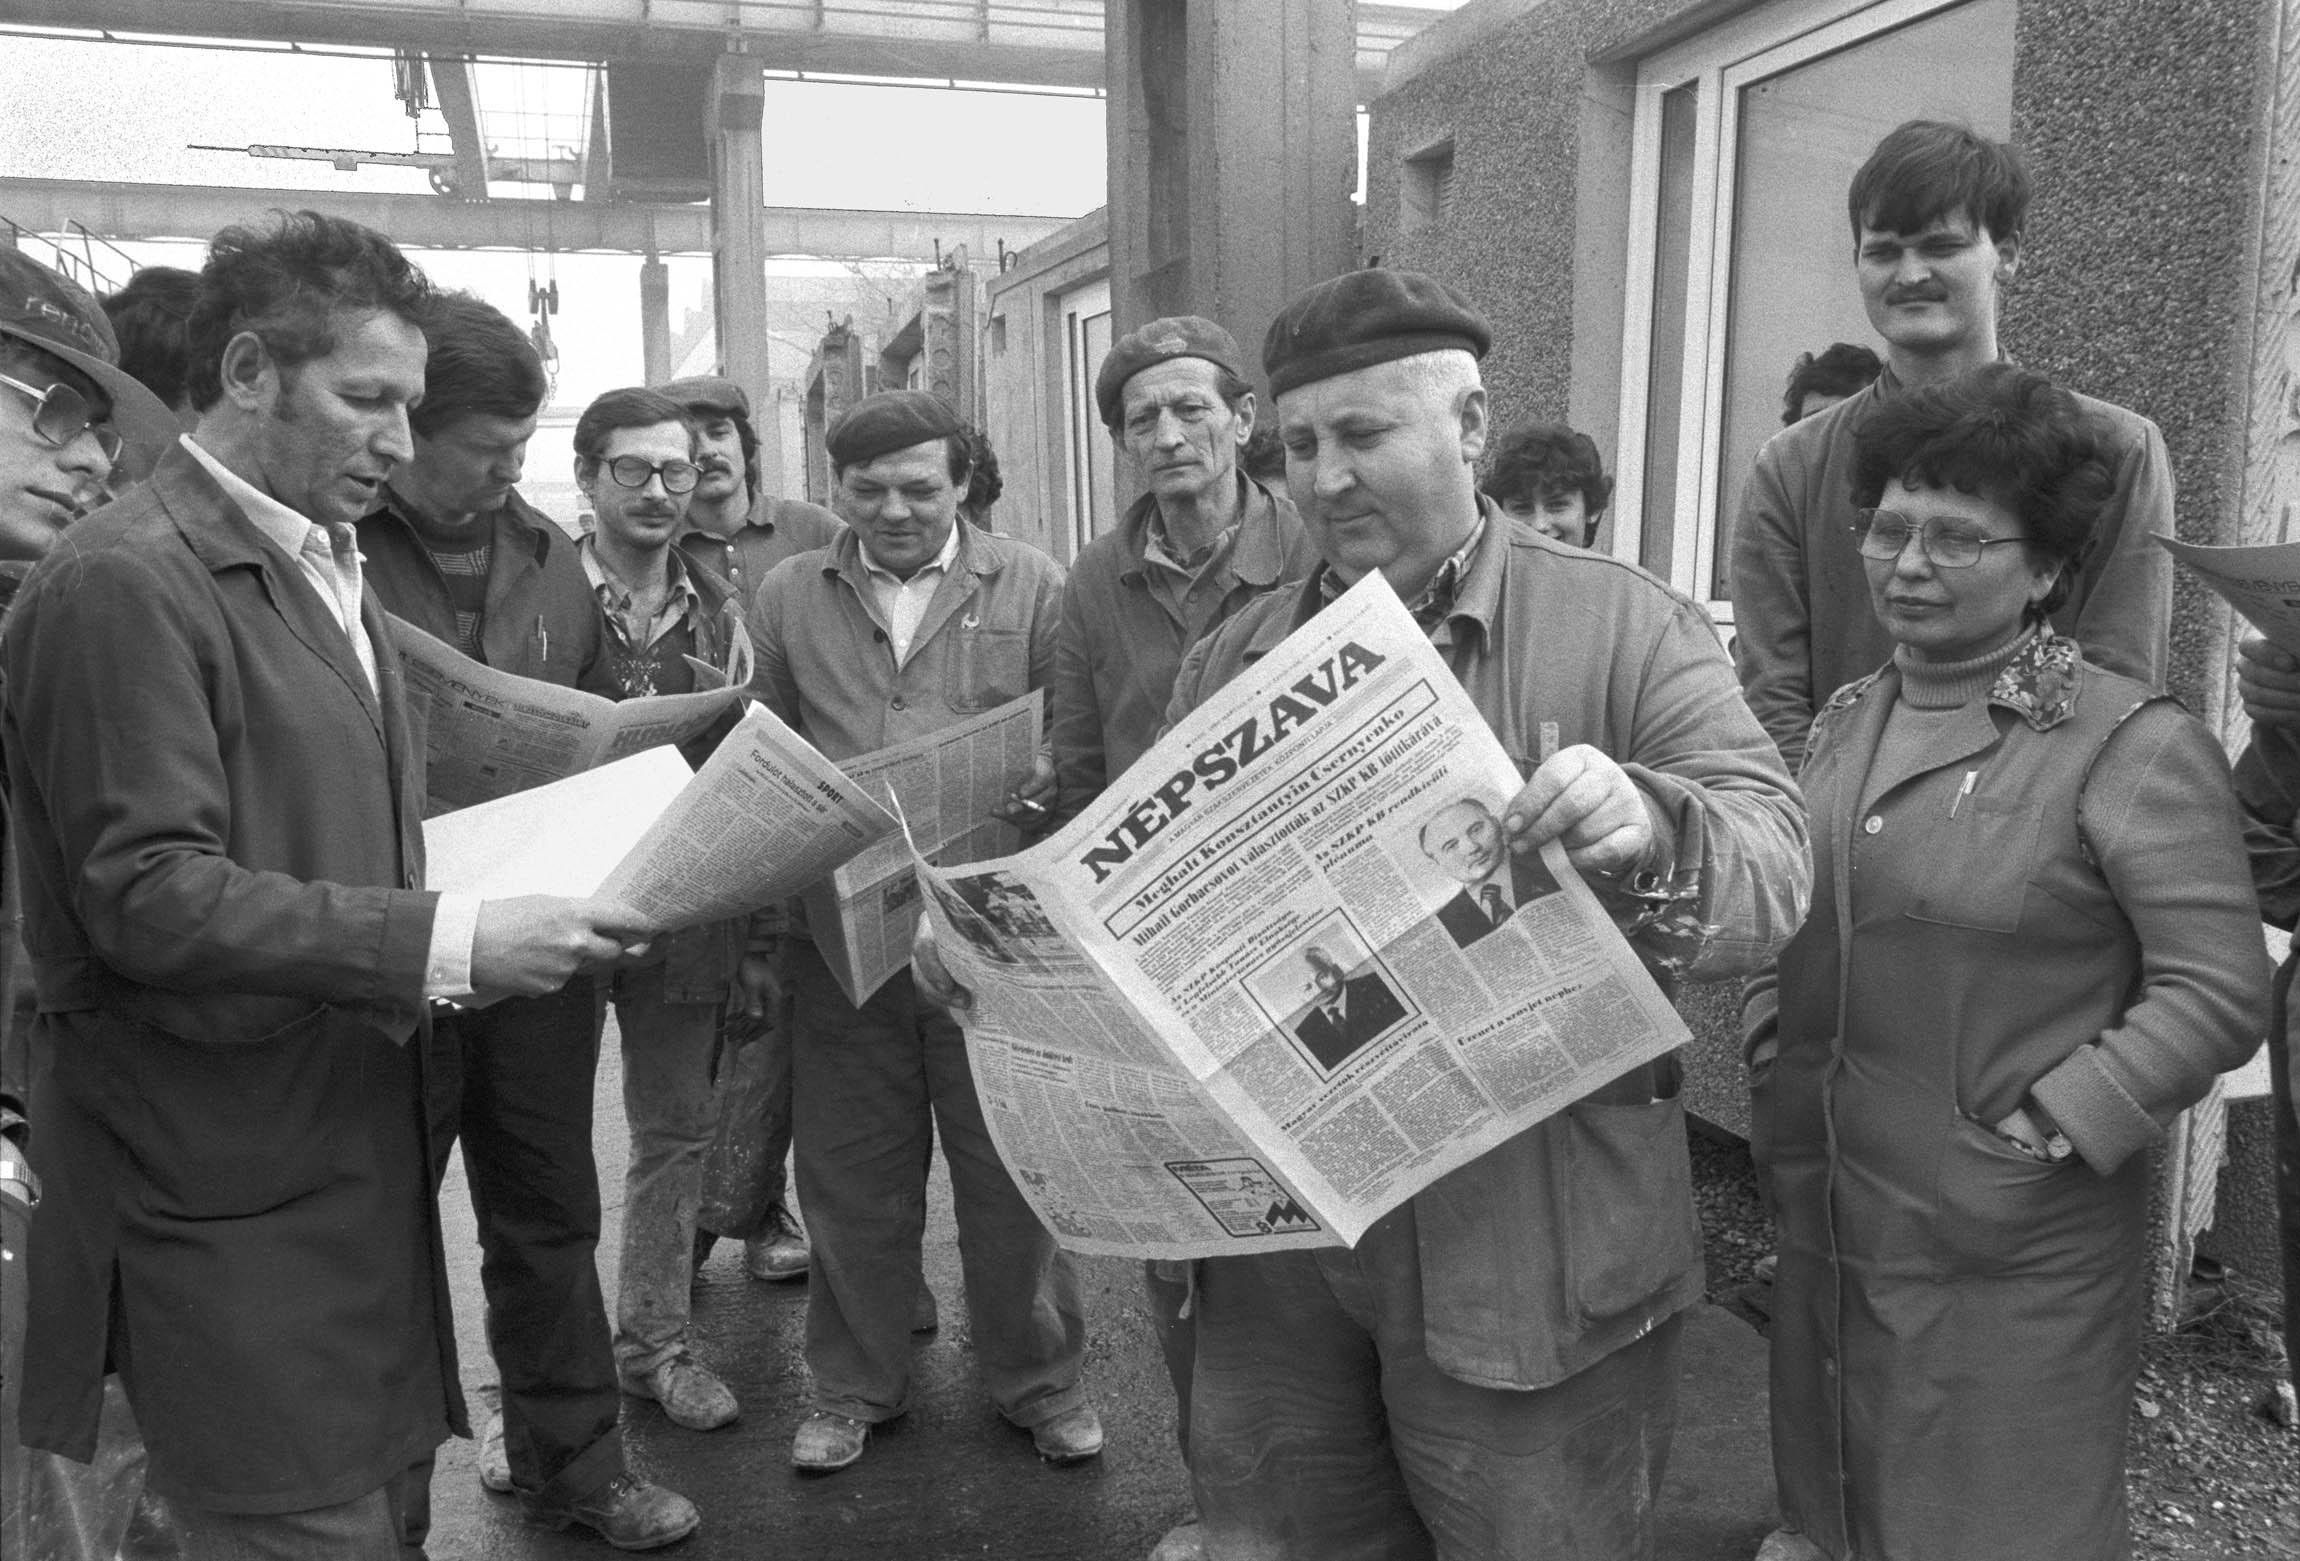 A Gyõr-Sopron megyei Állami Építõipari Vállalat dolgozói röpgyûlésen emlékeztek meg Konsztantyin Usztyinovics Csernyenkóról, a Szovjet Kommunista Párt Központi bizottságának fõtitkáráról, az Elnöki Tanács Elnökségének elnökérõl. A szovjet politikus 1985. március 10-én hunyt el Moszkvában / Fotó: MTI